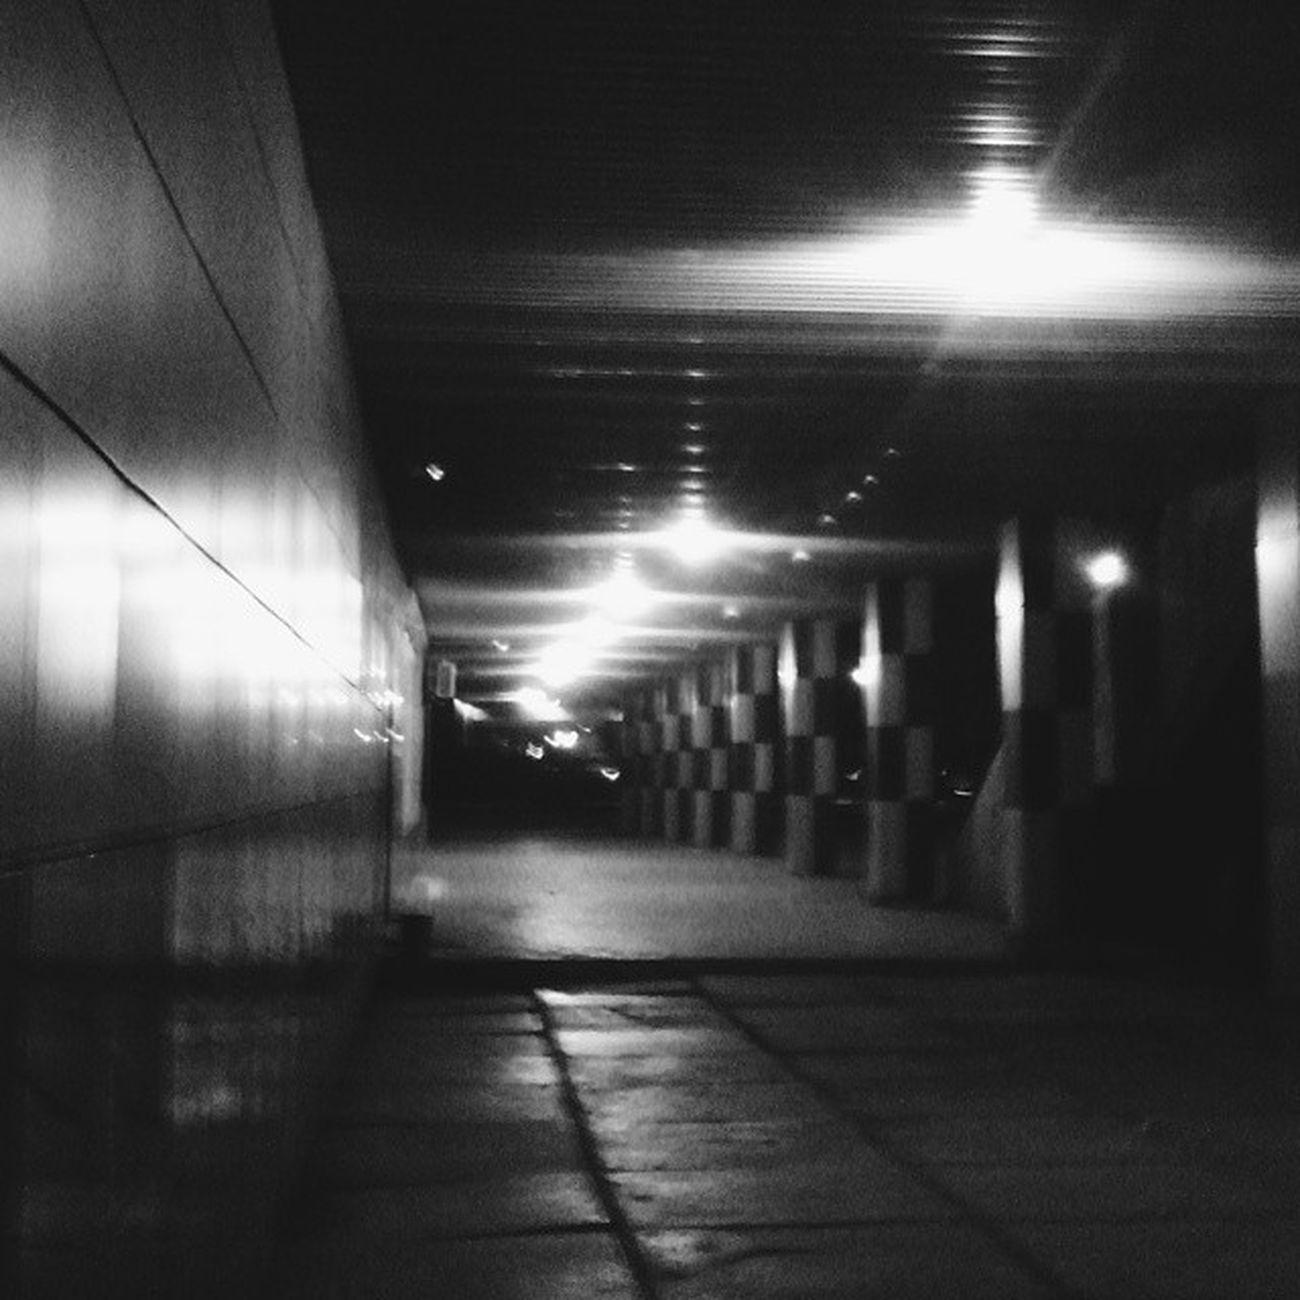 ночноефото чернобелый фонарь краснокаменск Life Niceday